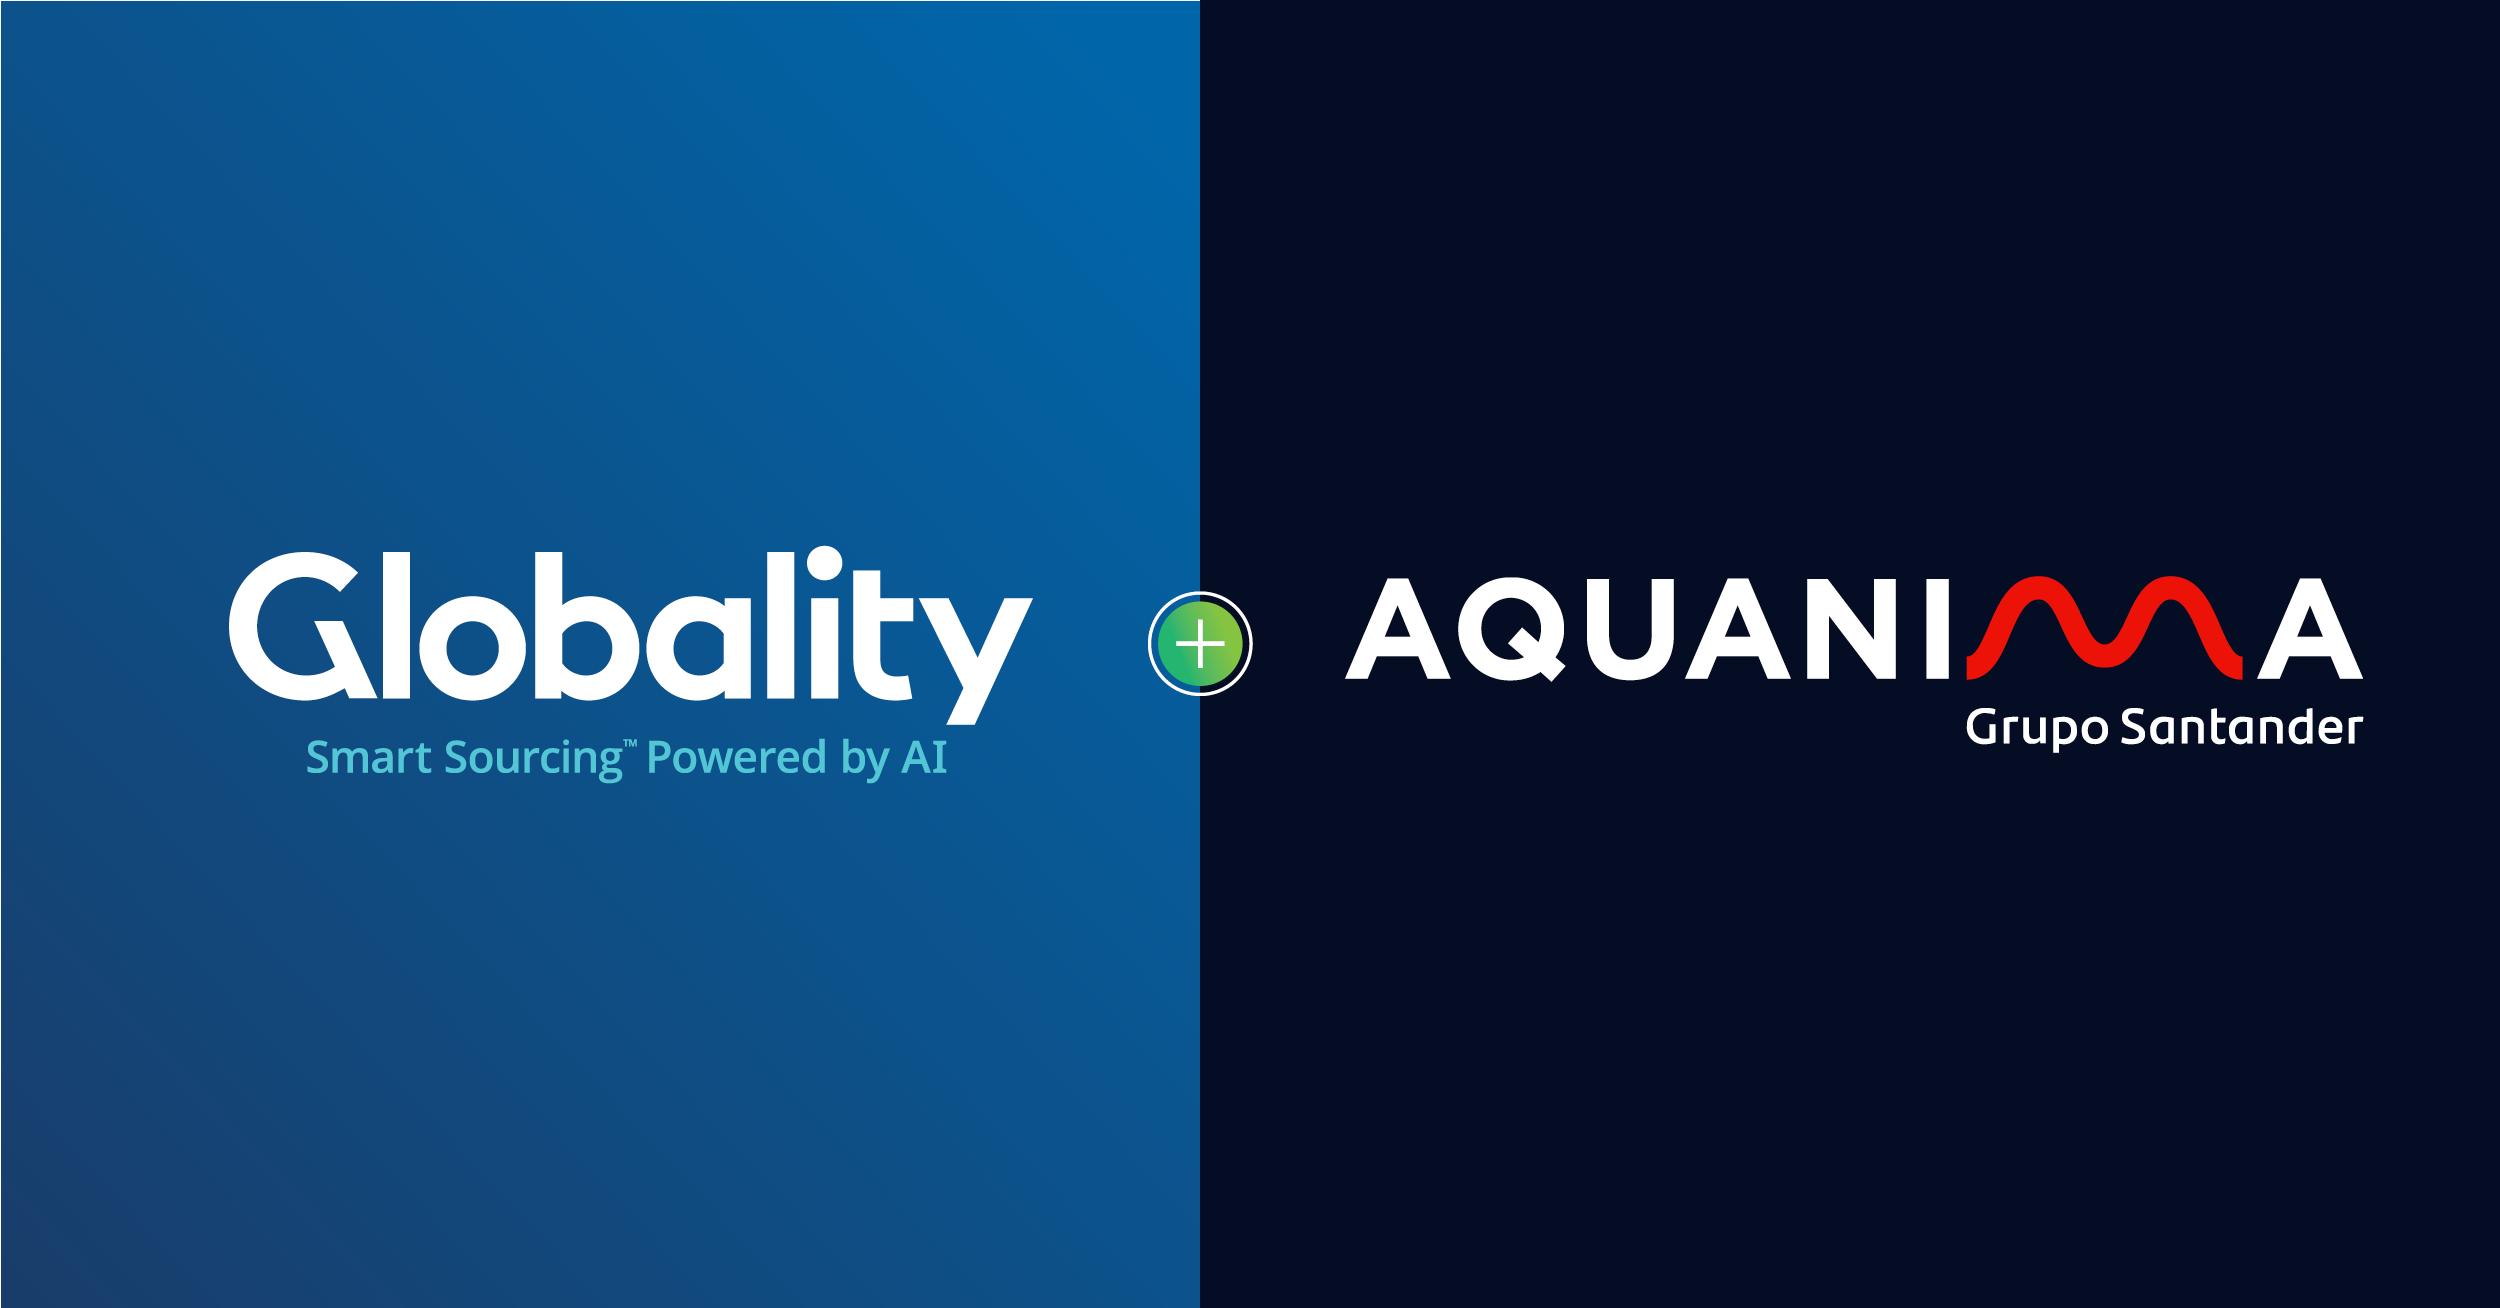 Globality+Aquanima